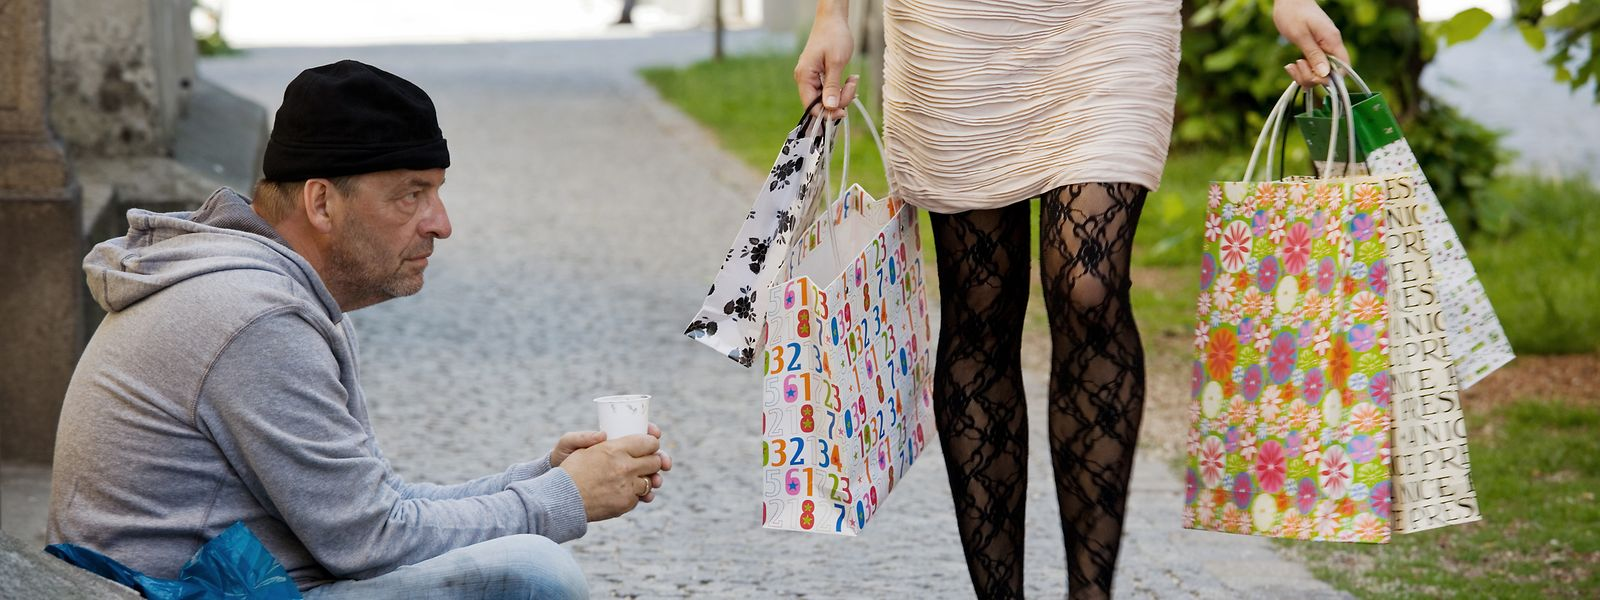 Dix pour cent de la population touche moins de 979 euros par mois au Luxembourg.